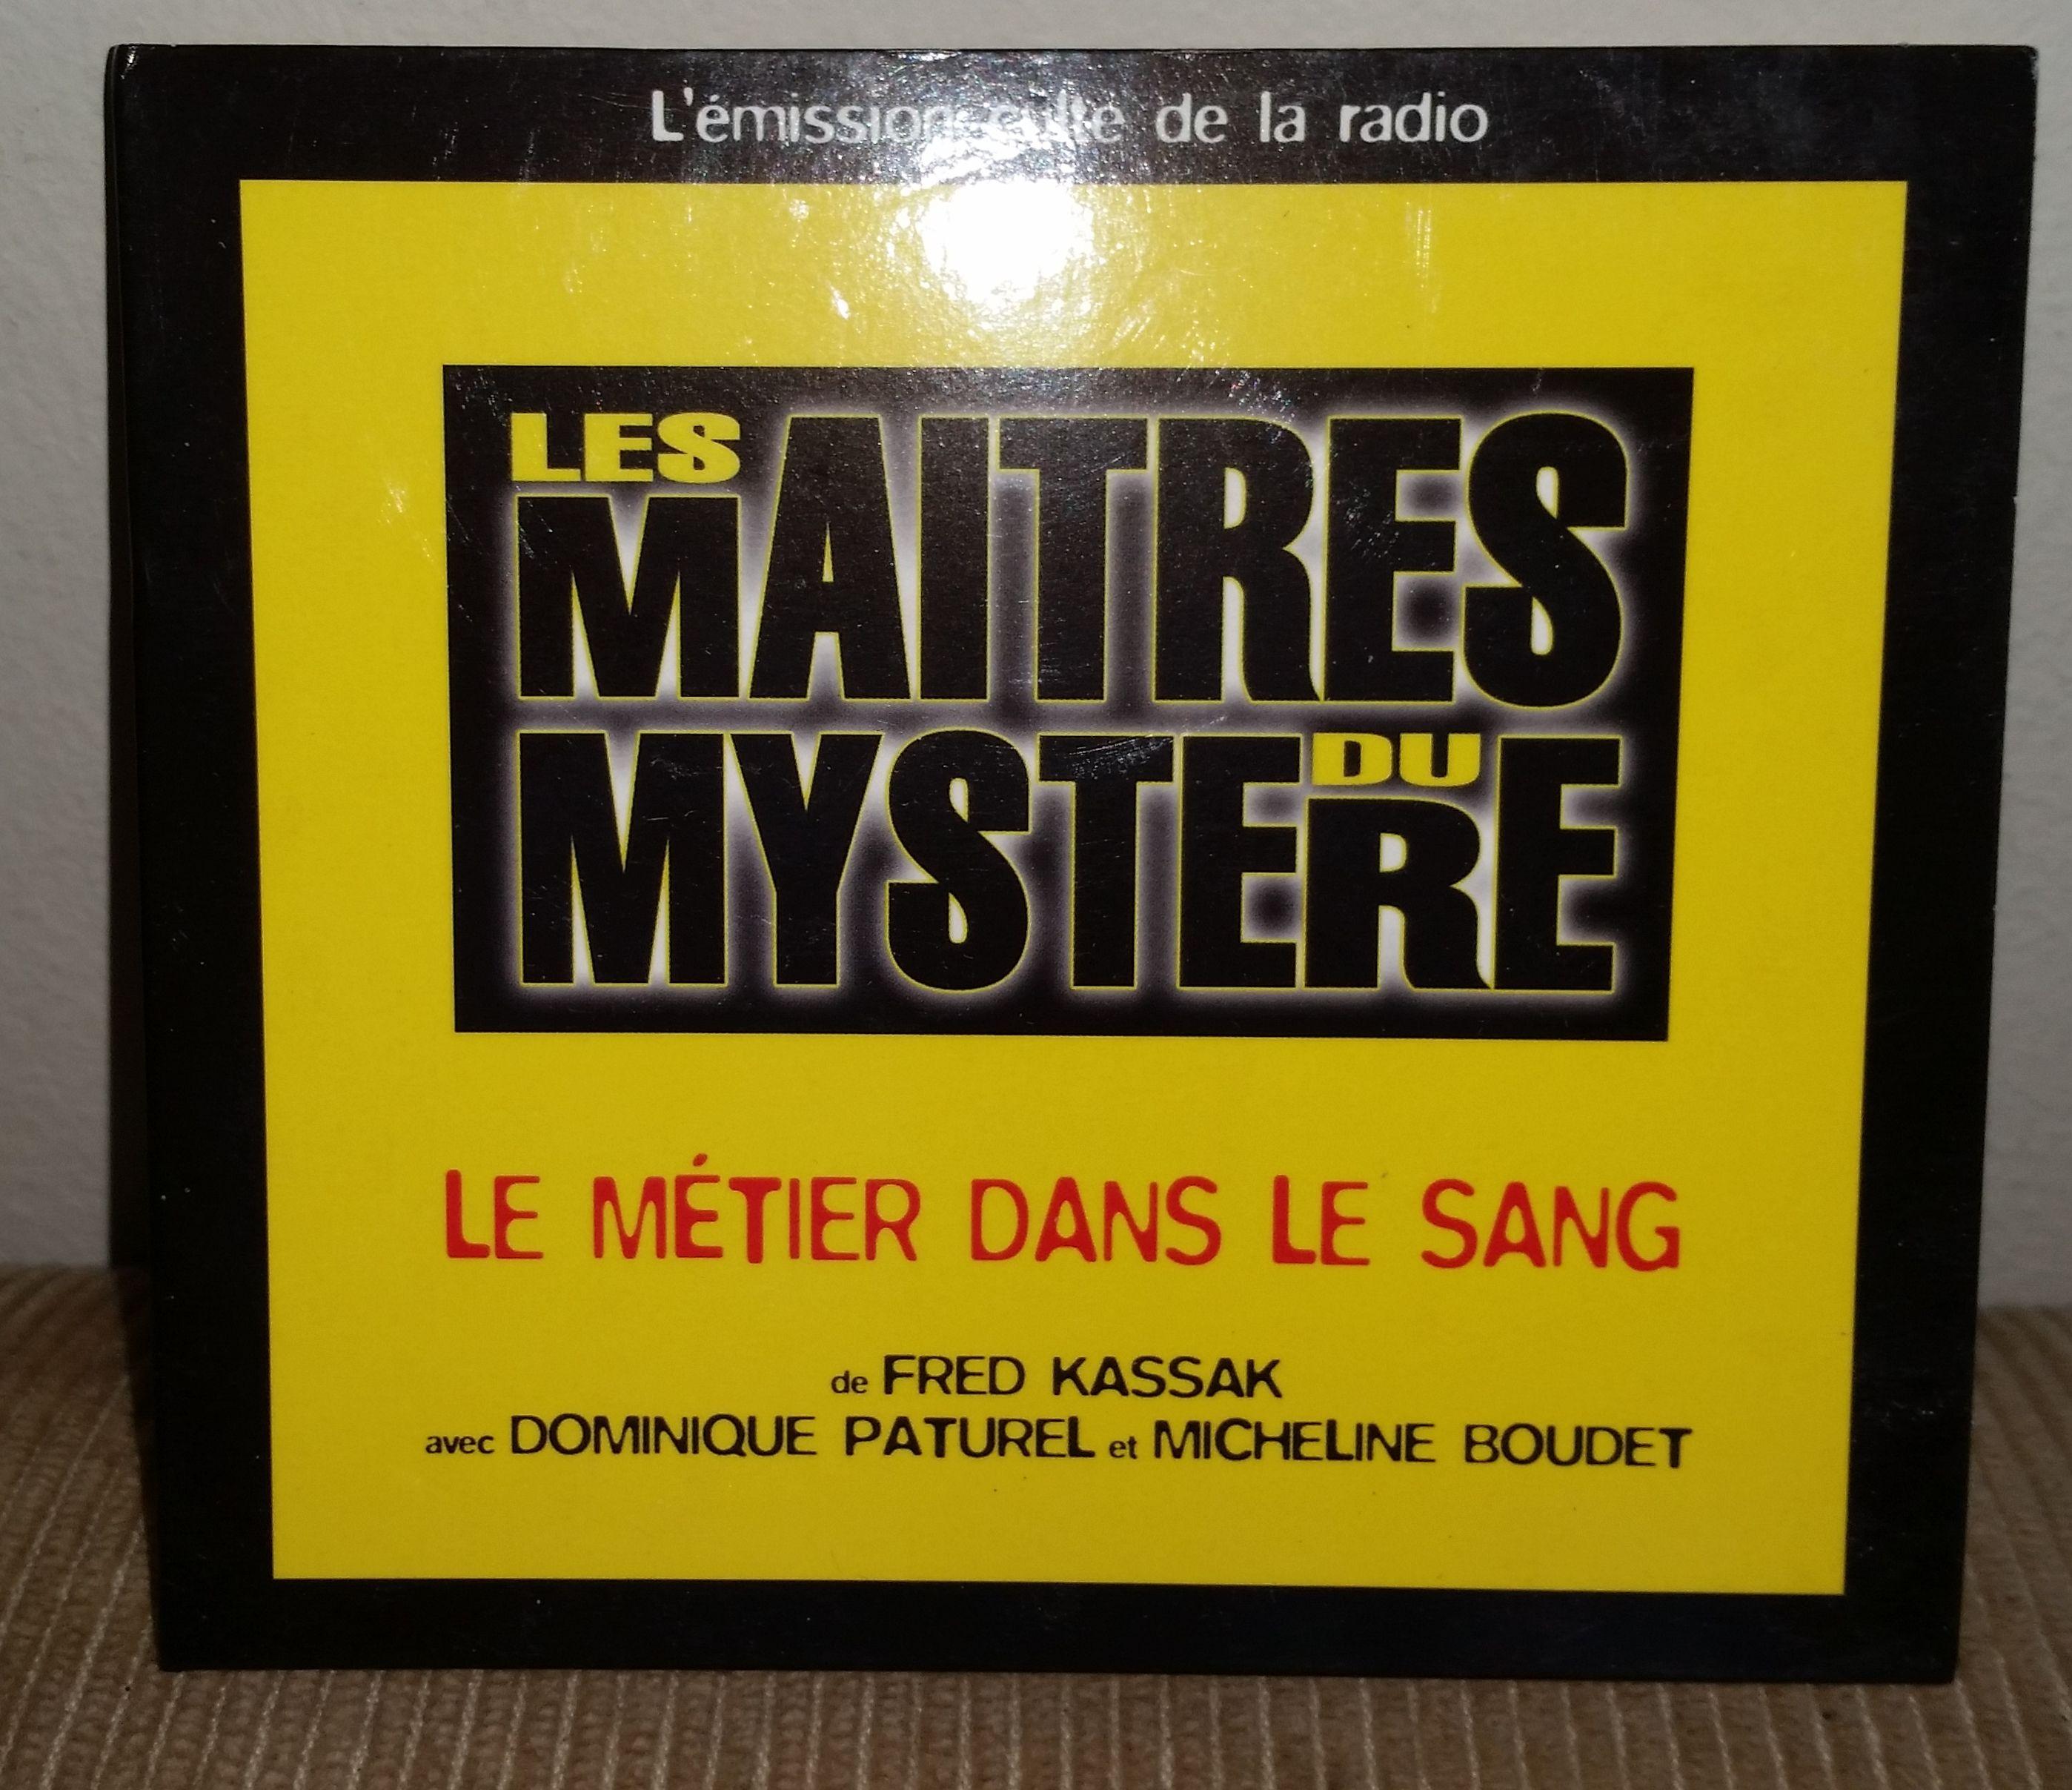 Les Maîtres Du Mystére- Le Métier Dans Le Sang 2003 French Radio Mystery Program CD-ROM